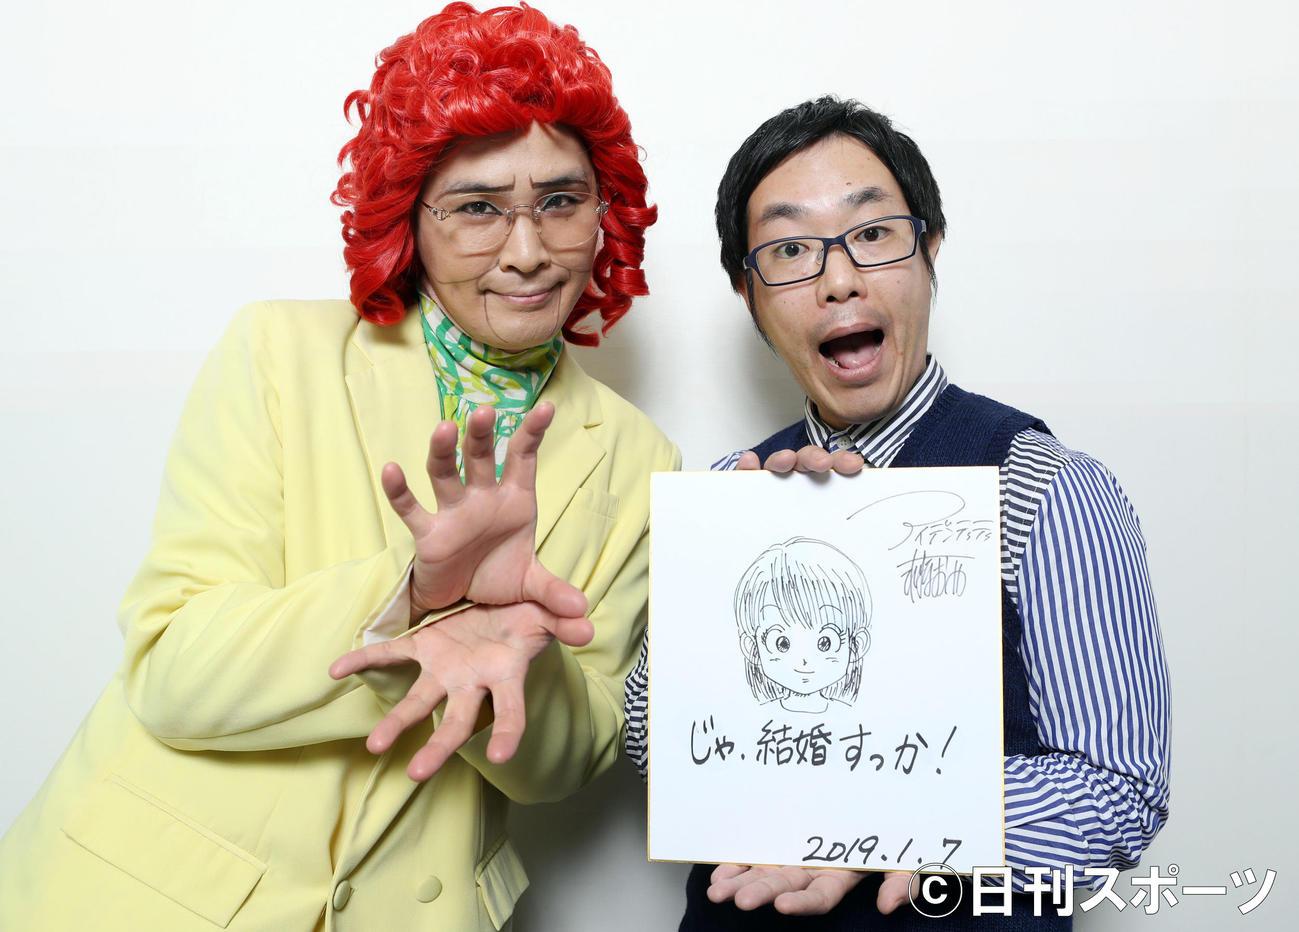 ドラゴンボール 芸人 悟空